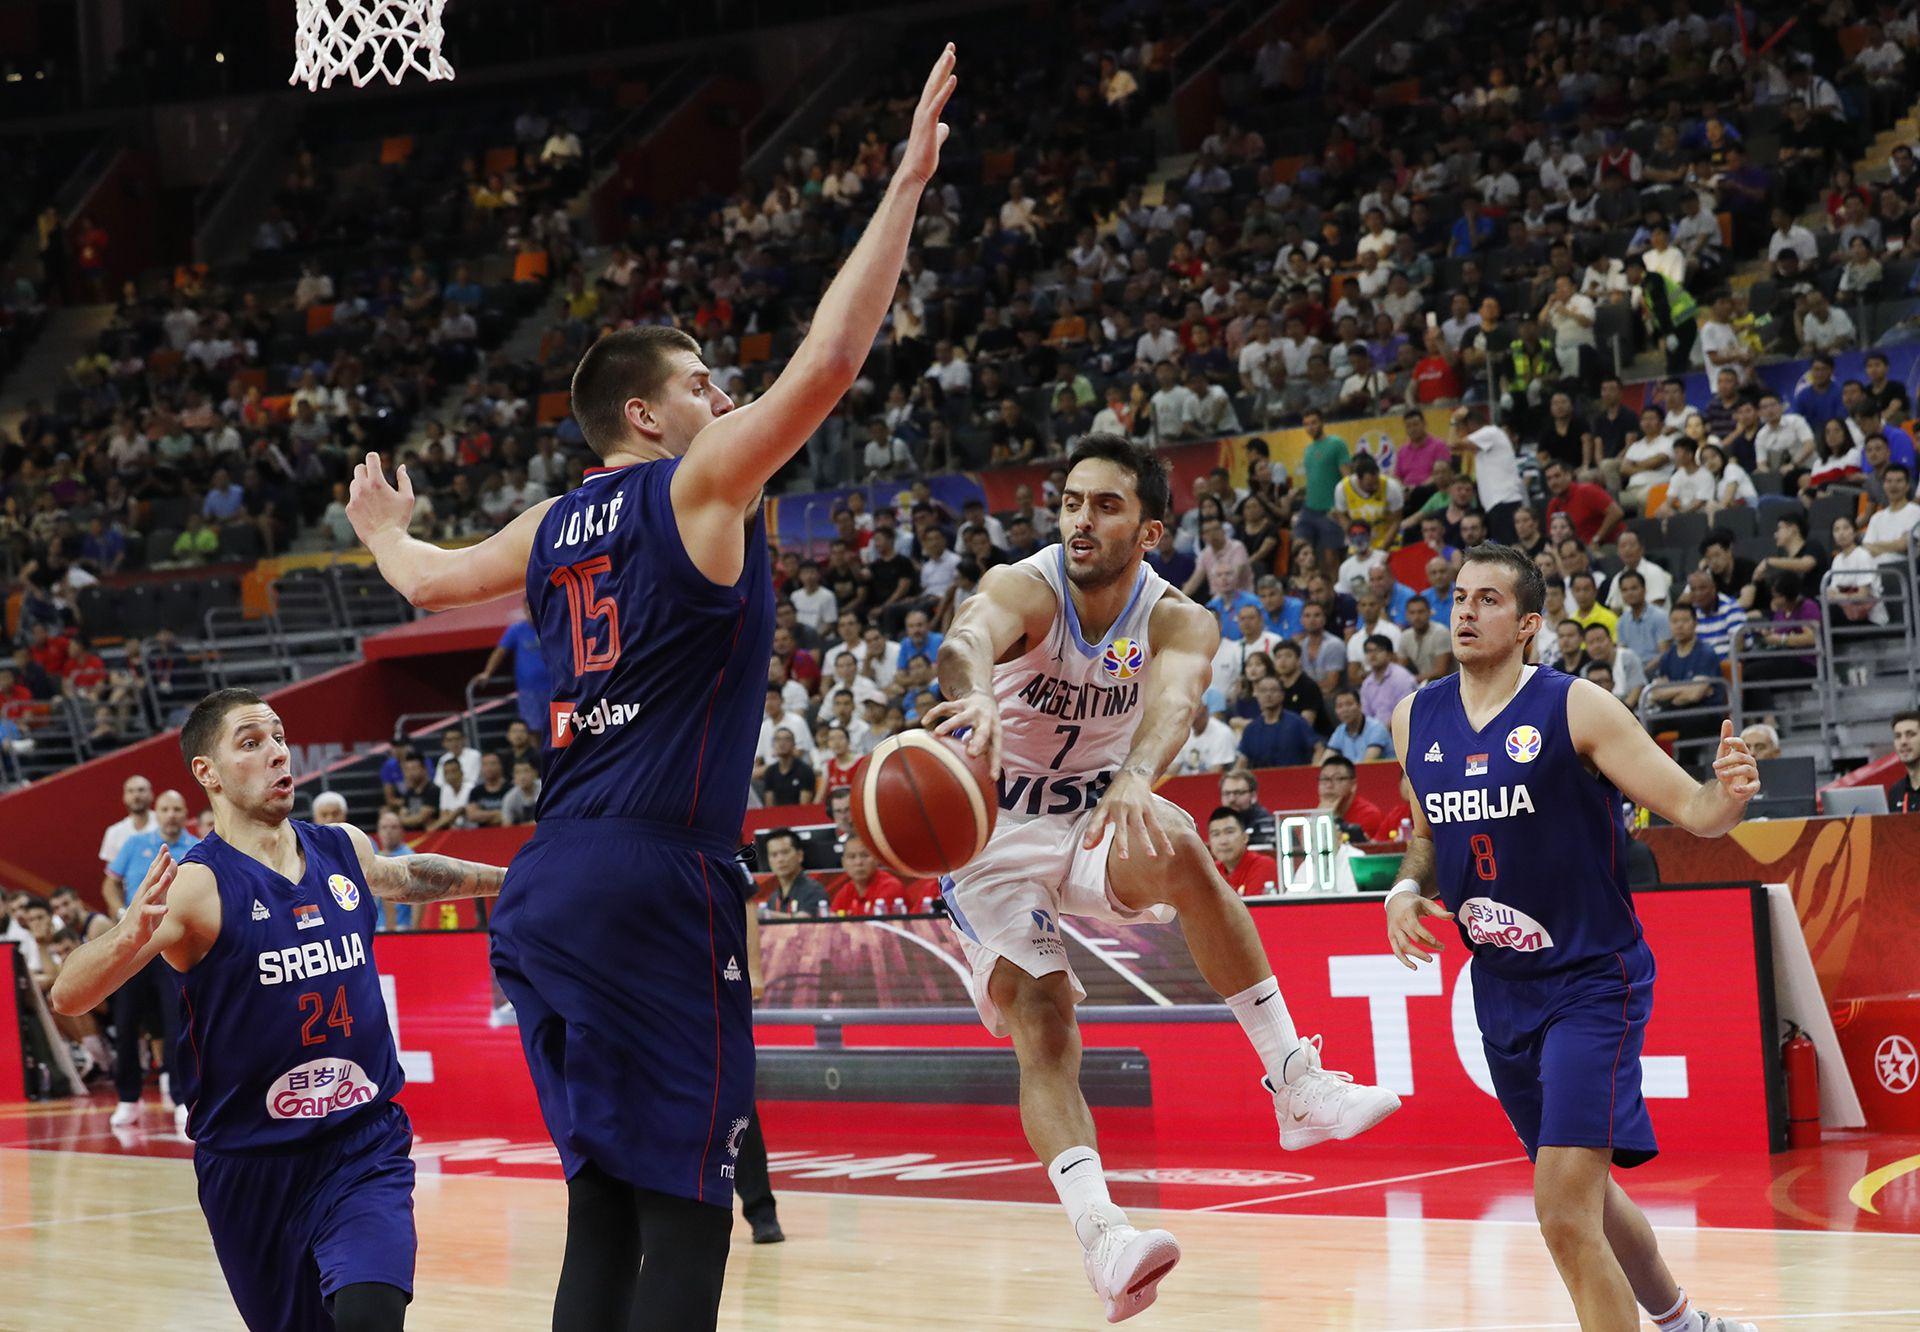 Jokic nunca falta a las citas mundialistas con la selección de Serbia. En el último Mundial quedó eliminado con Argentina en cuartos de final (Foto: REUTERS)